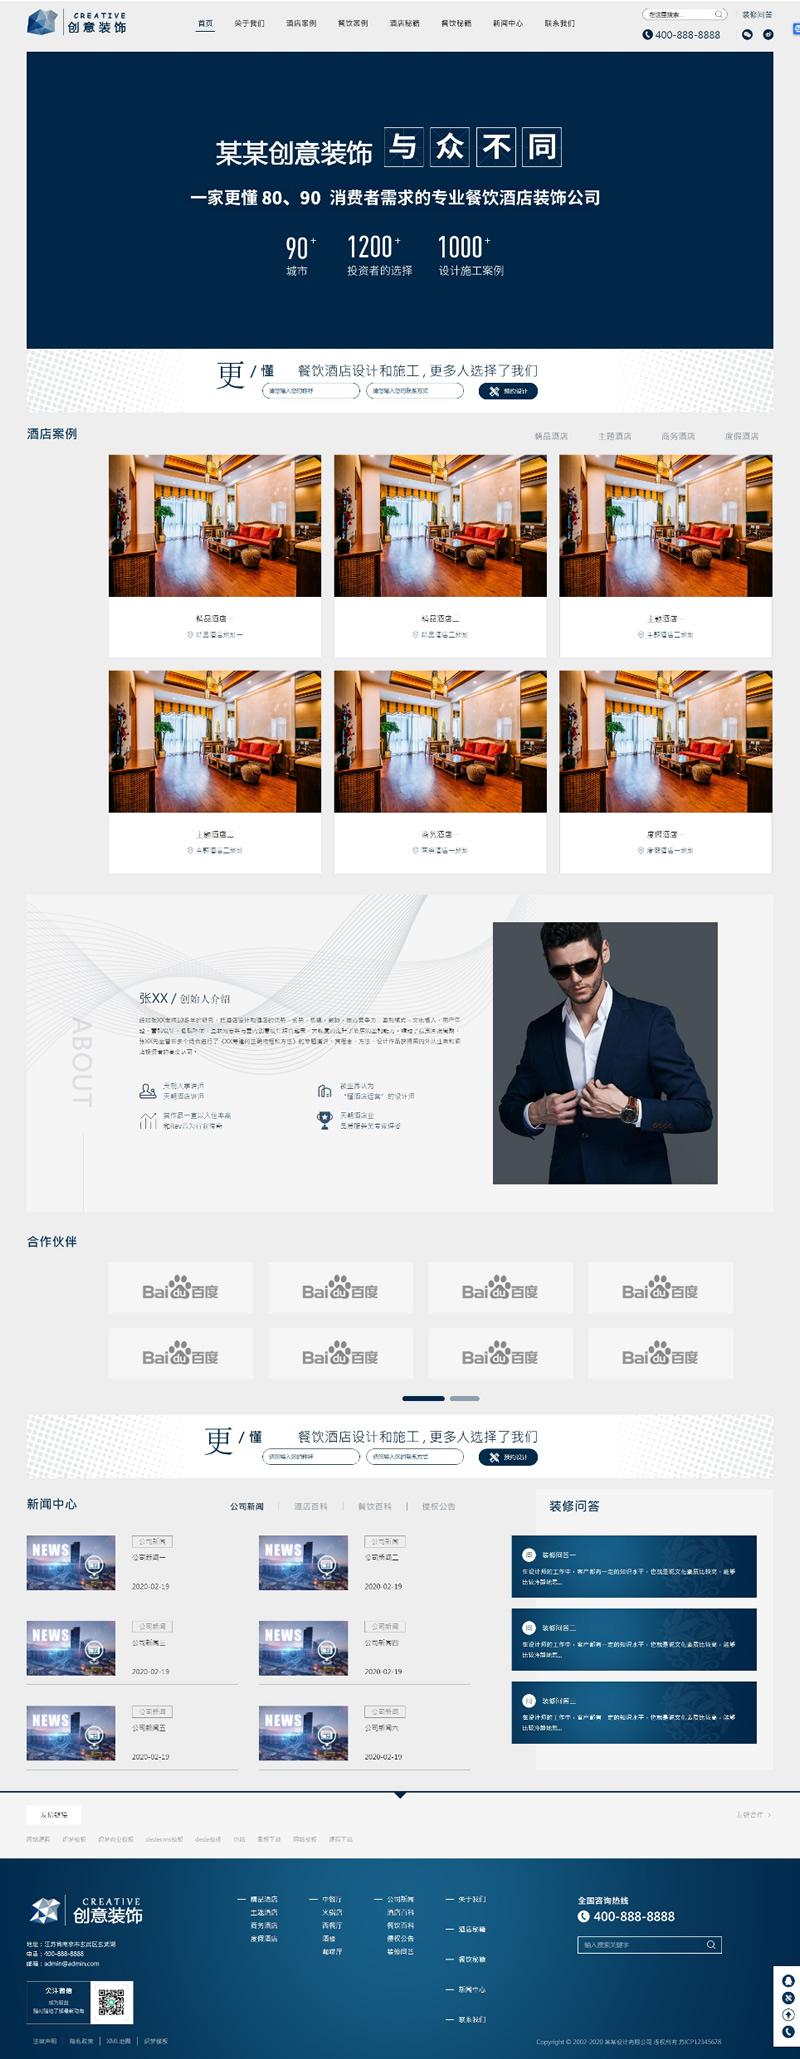 [自适应手机版]蓝色创意装饰设计网站源码 织梦dede模板 第1张